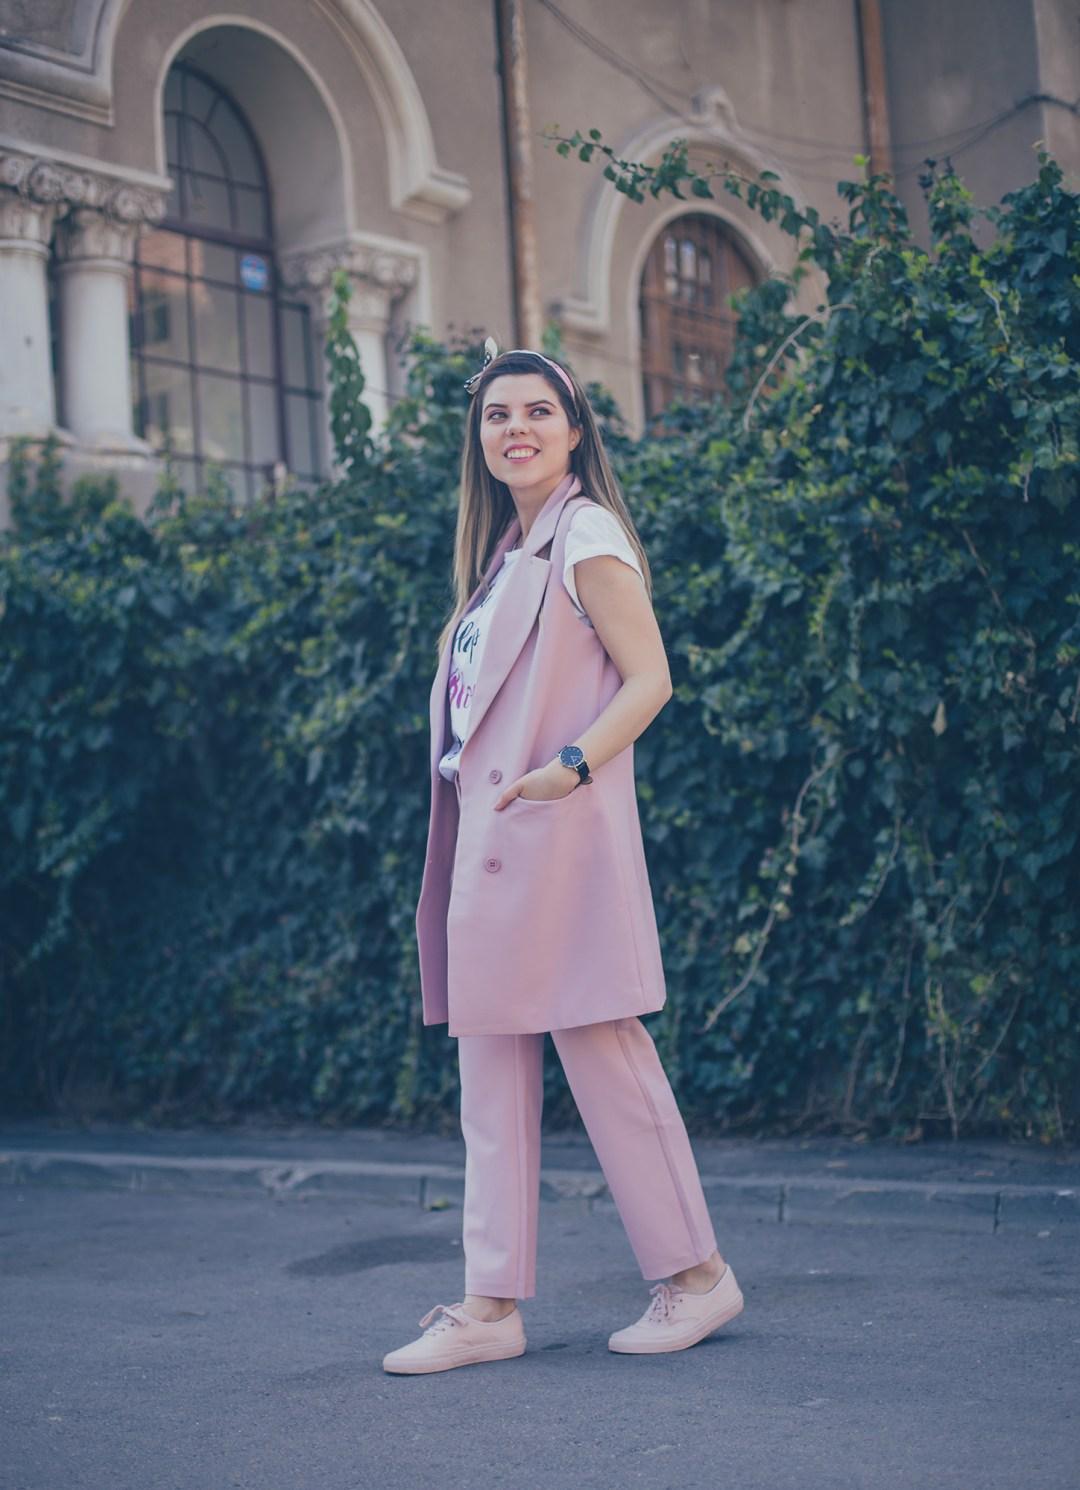 vip shop pink suit